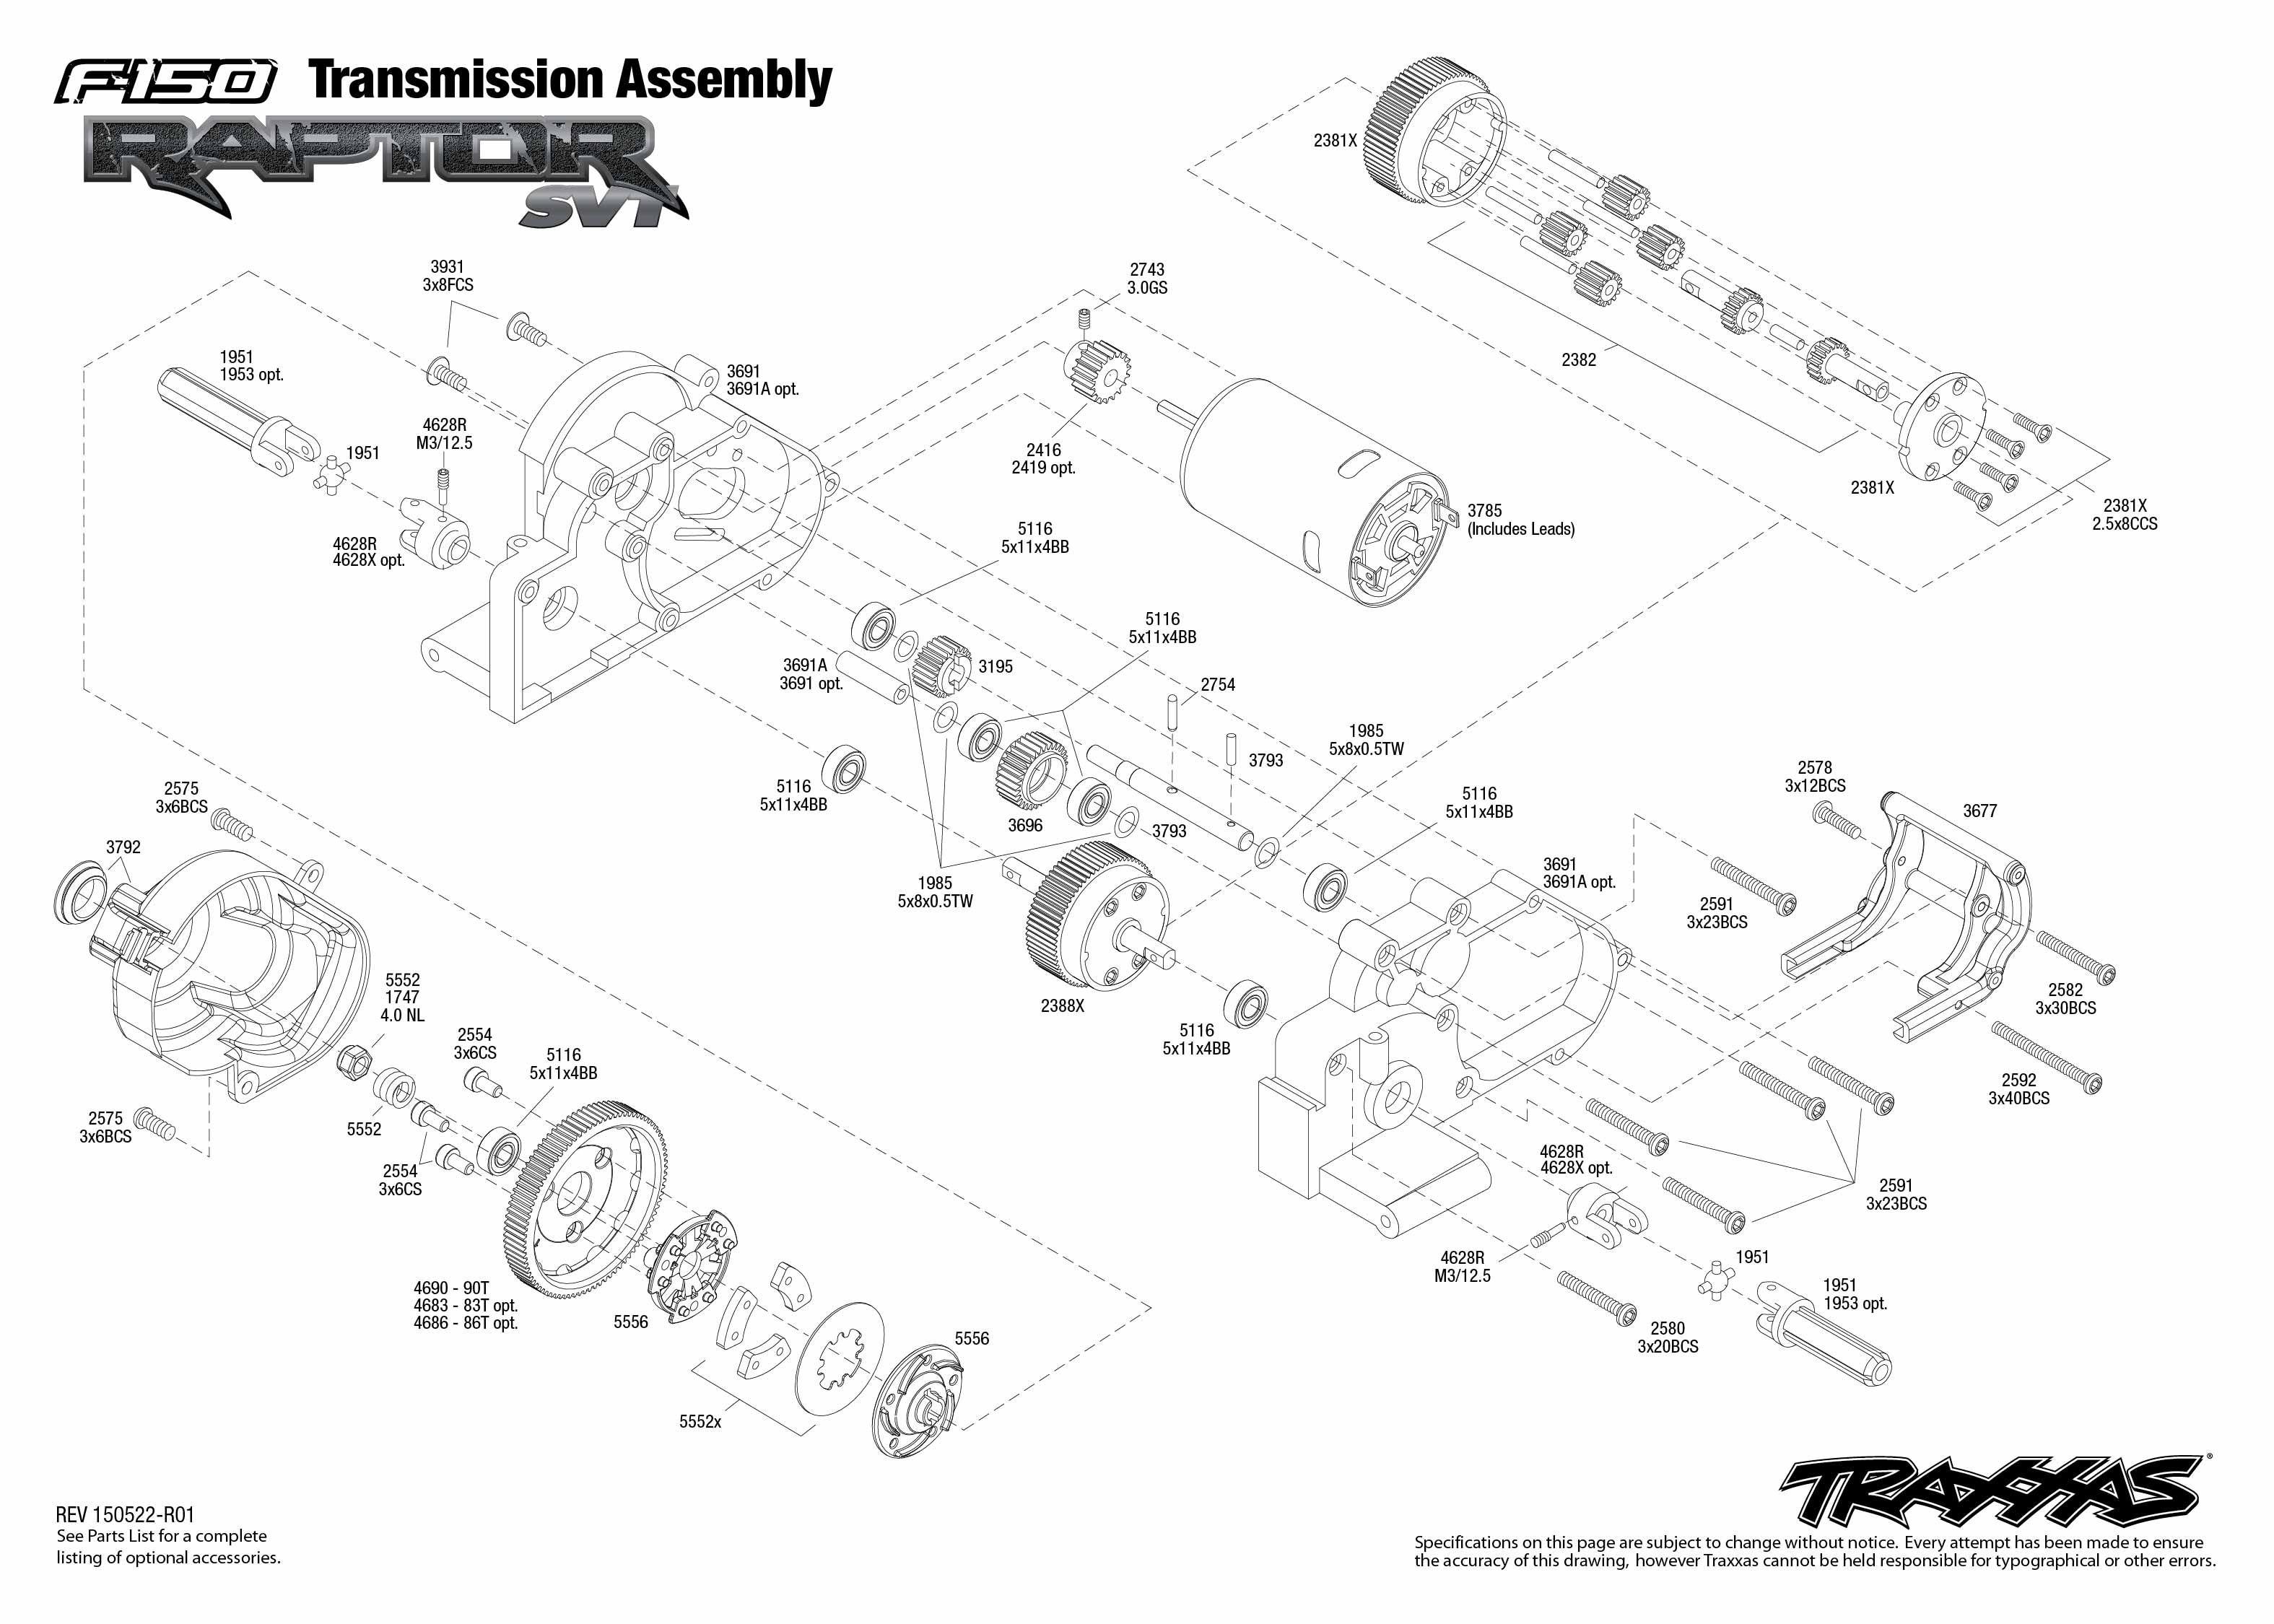 Ford Raptor 1 Transmission Assembly